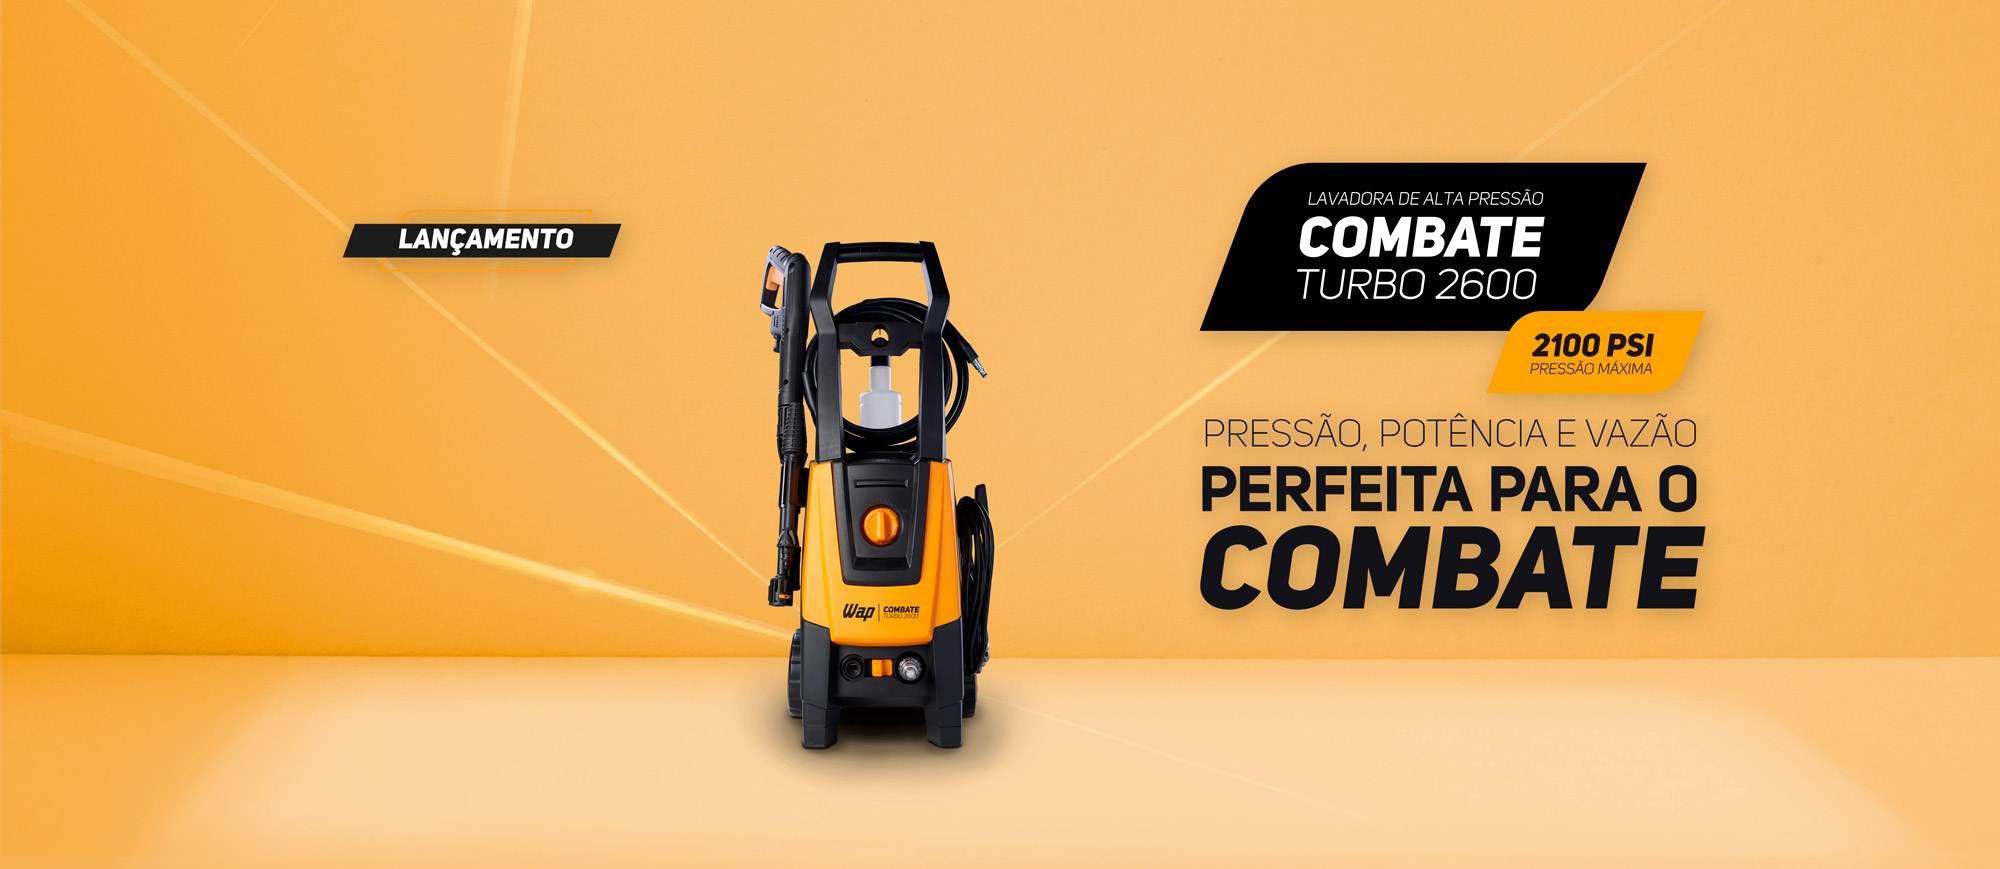 lavadora de alta pressão WAP Combate Turbo 2600